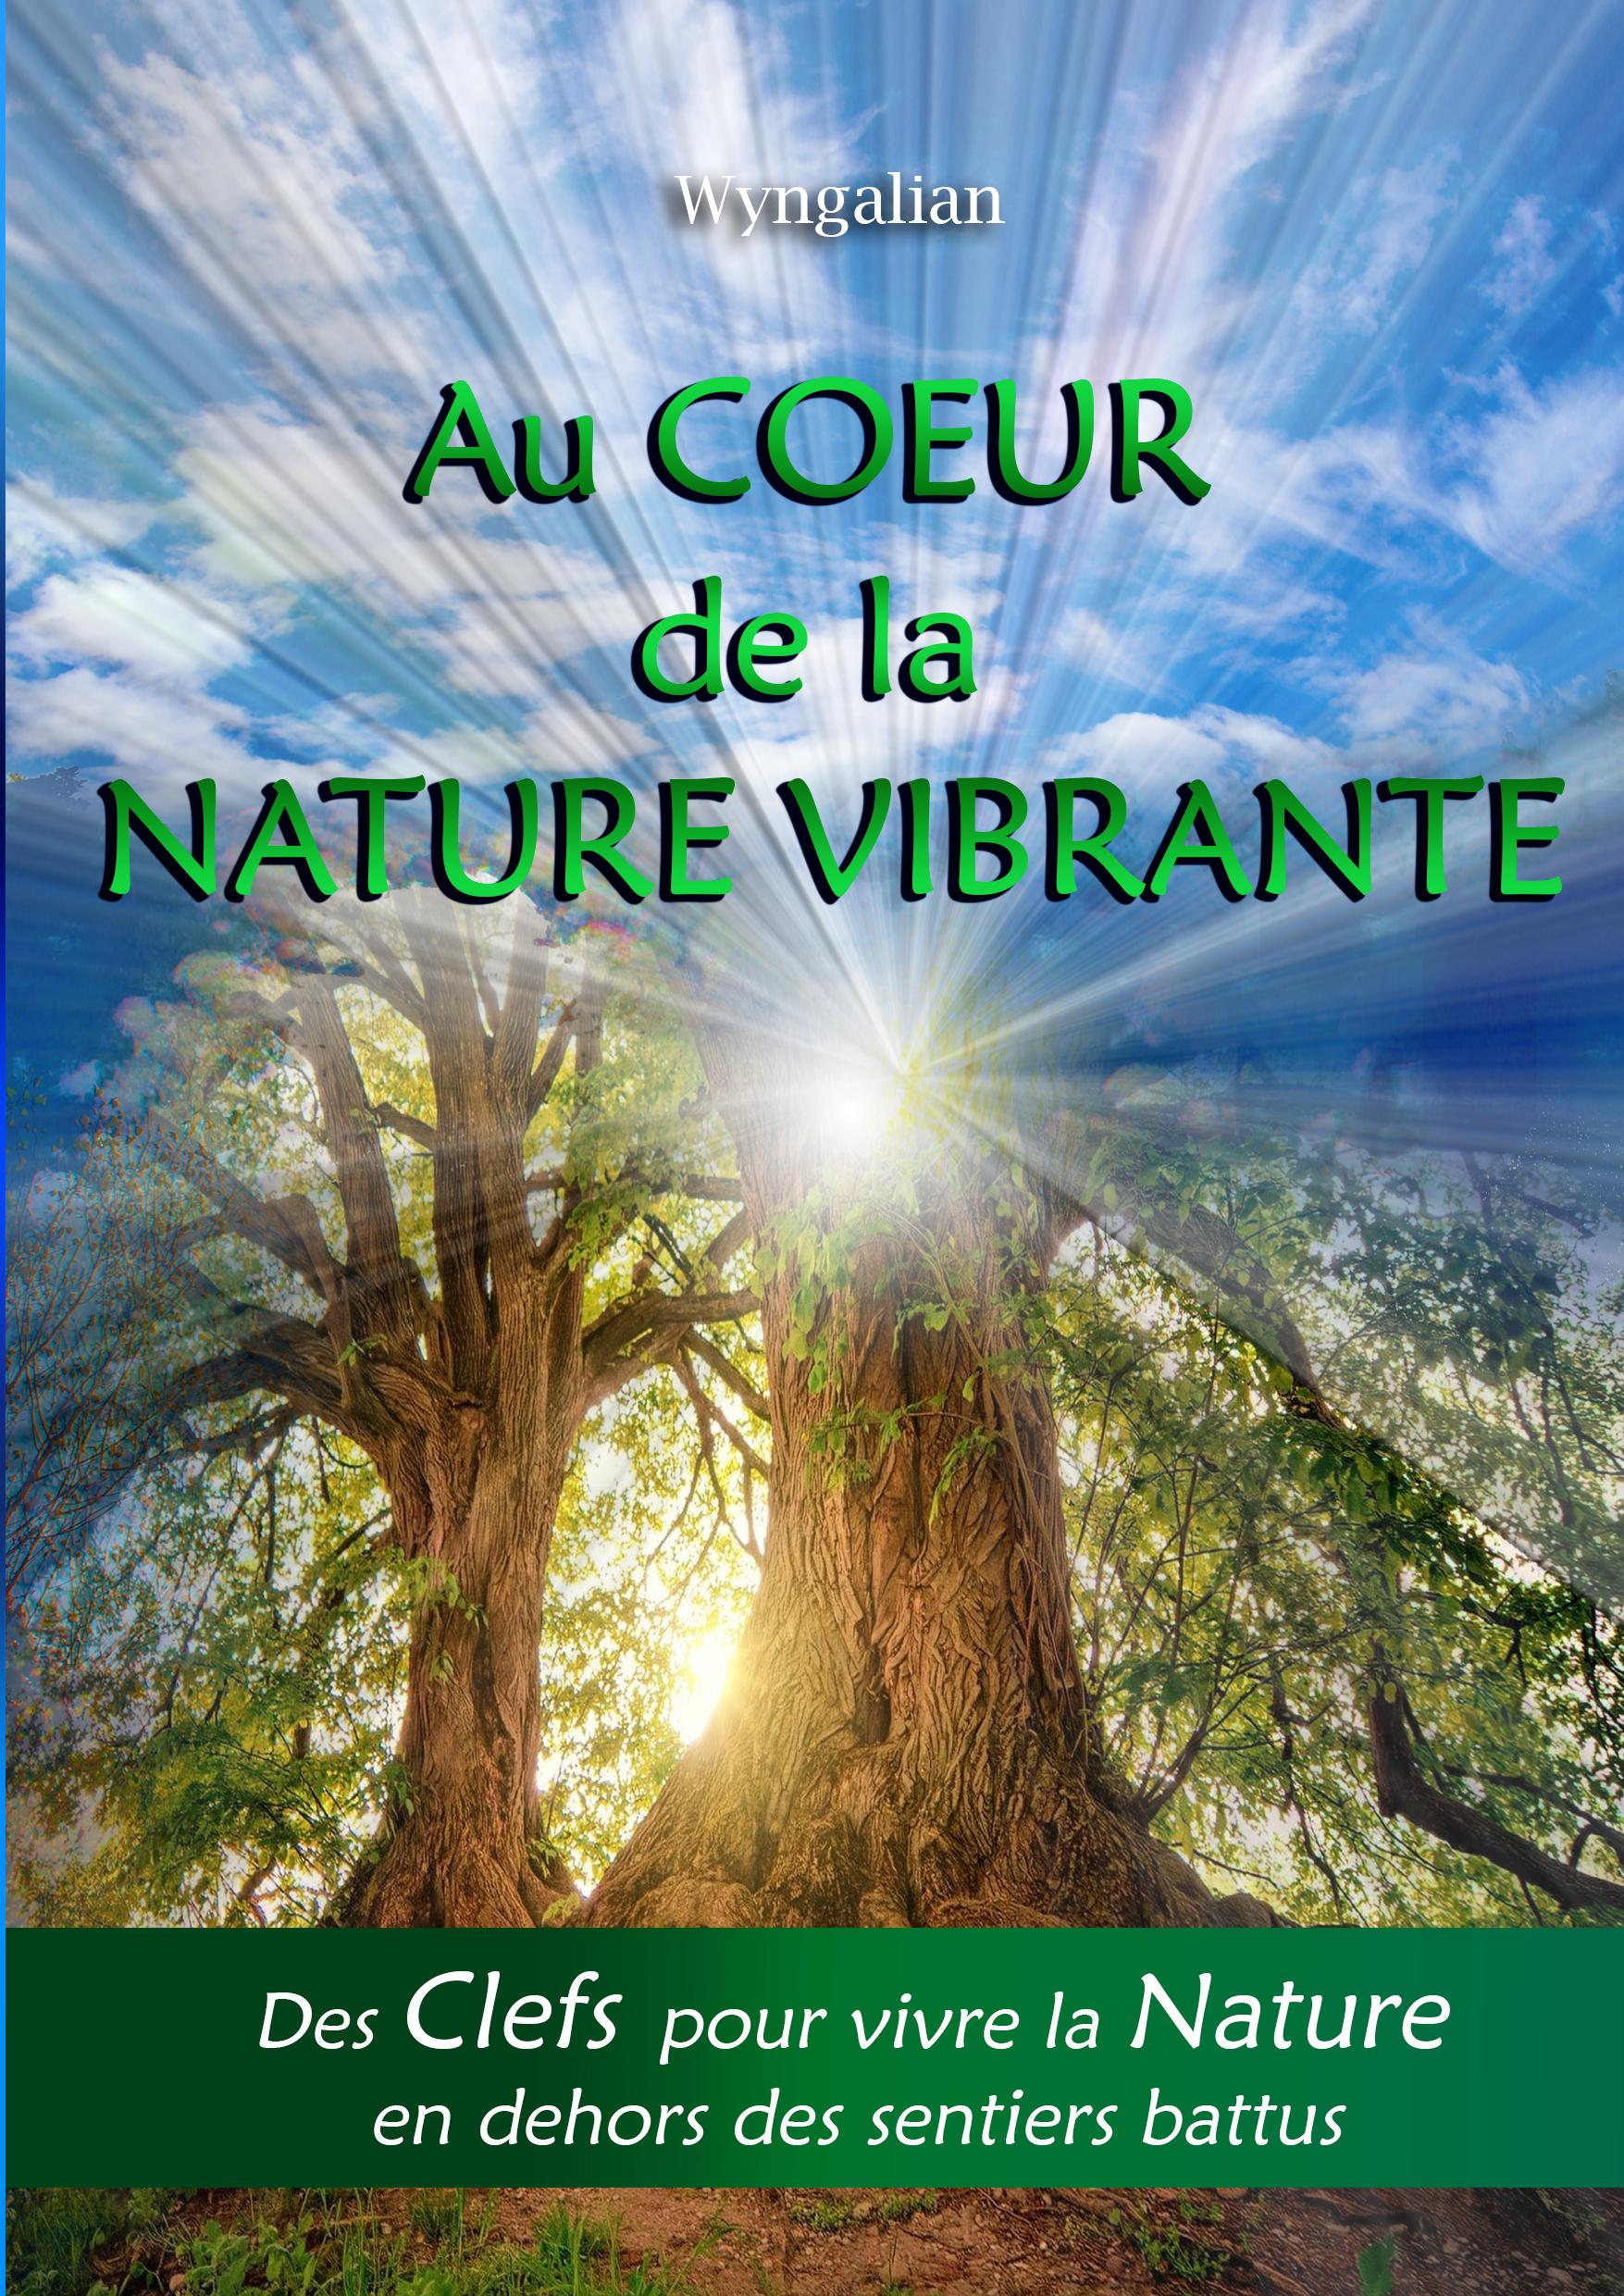 Au cœur de la Nature vibrante